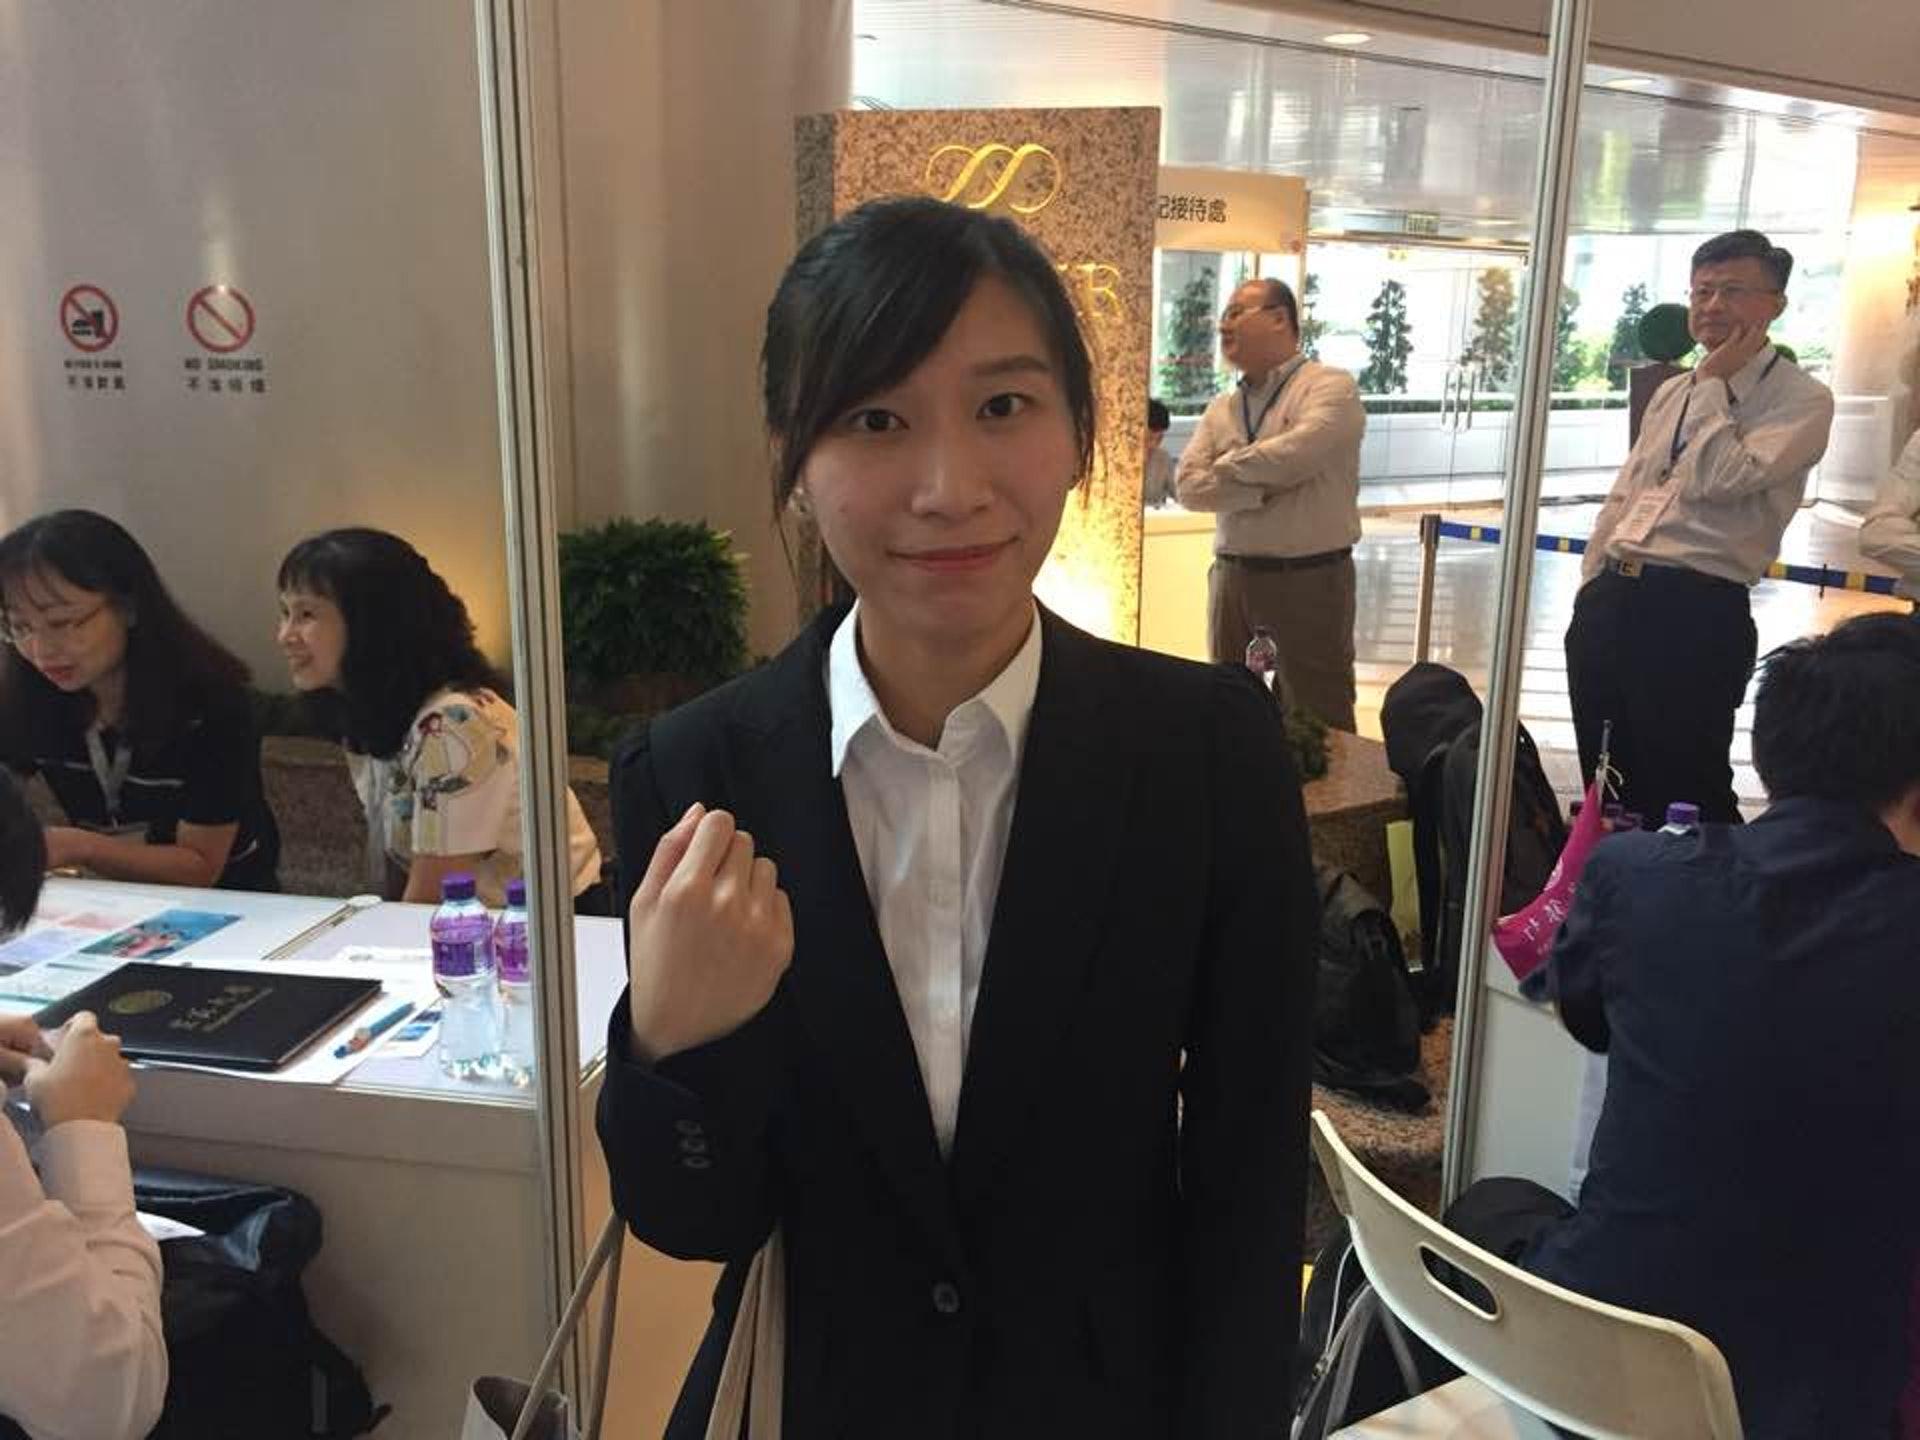 陳小姐認為香港壓力大,希望移居台灣。(張嘉敏攝)